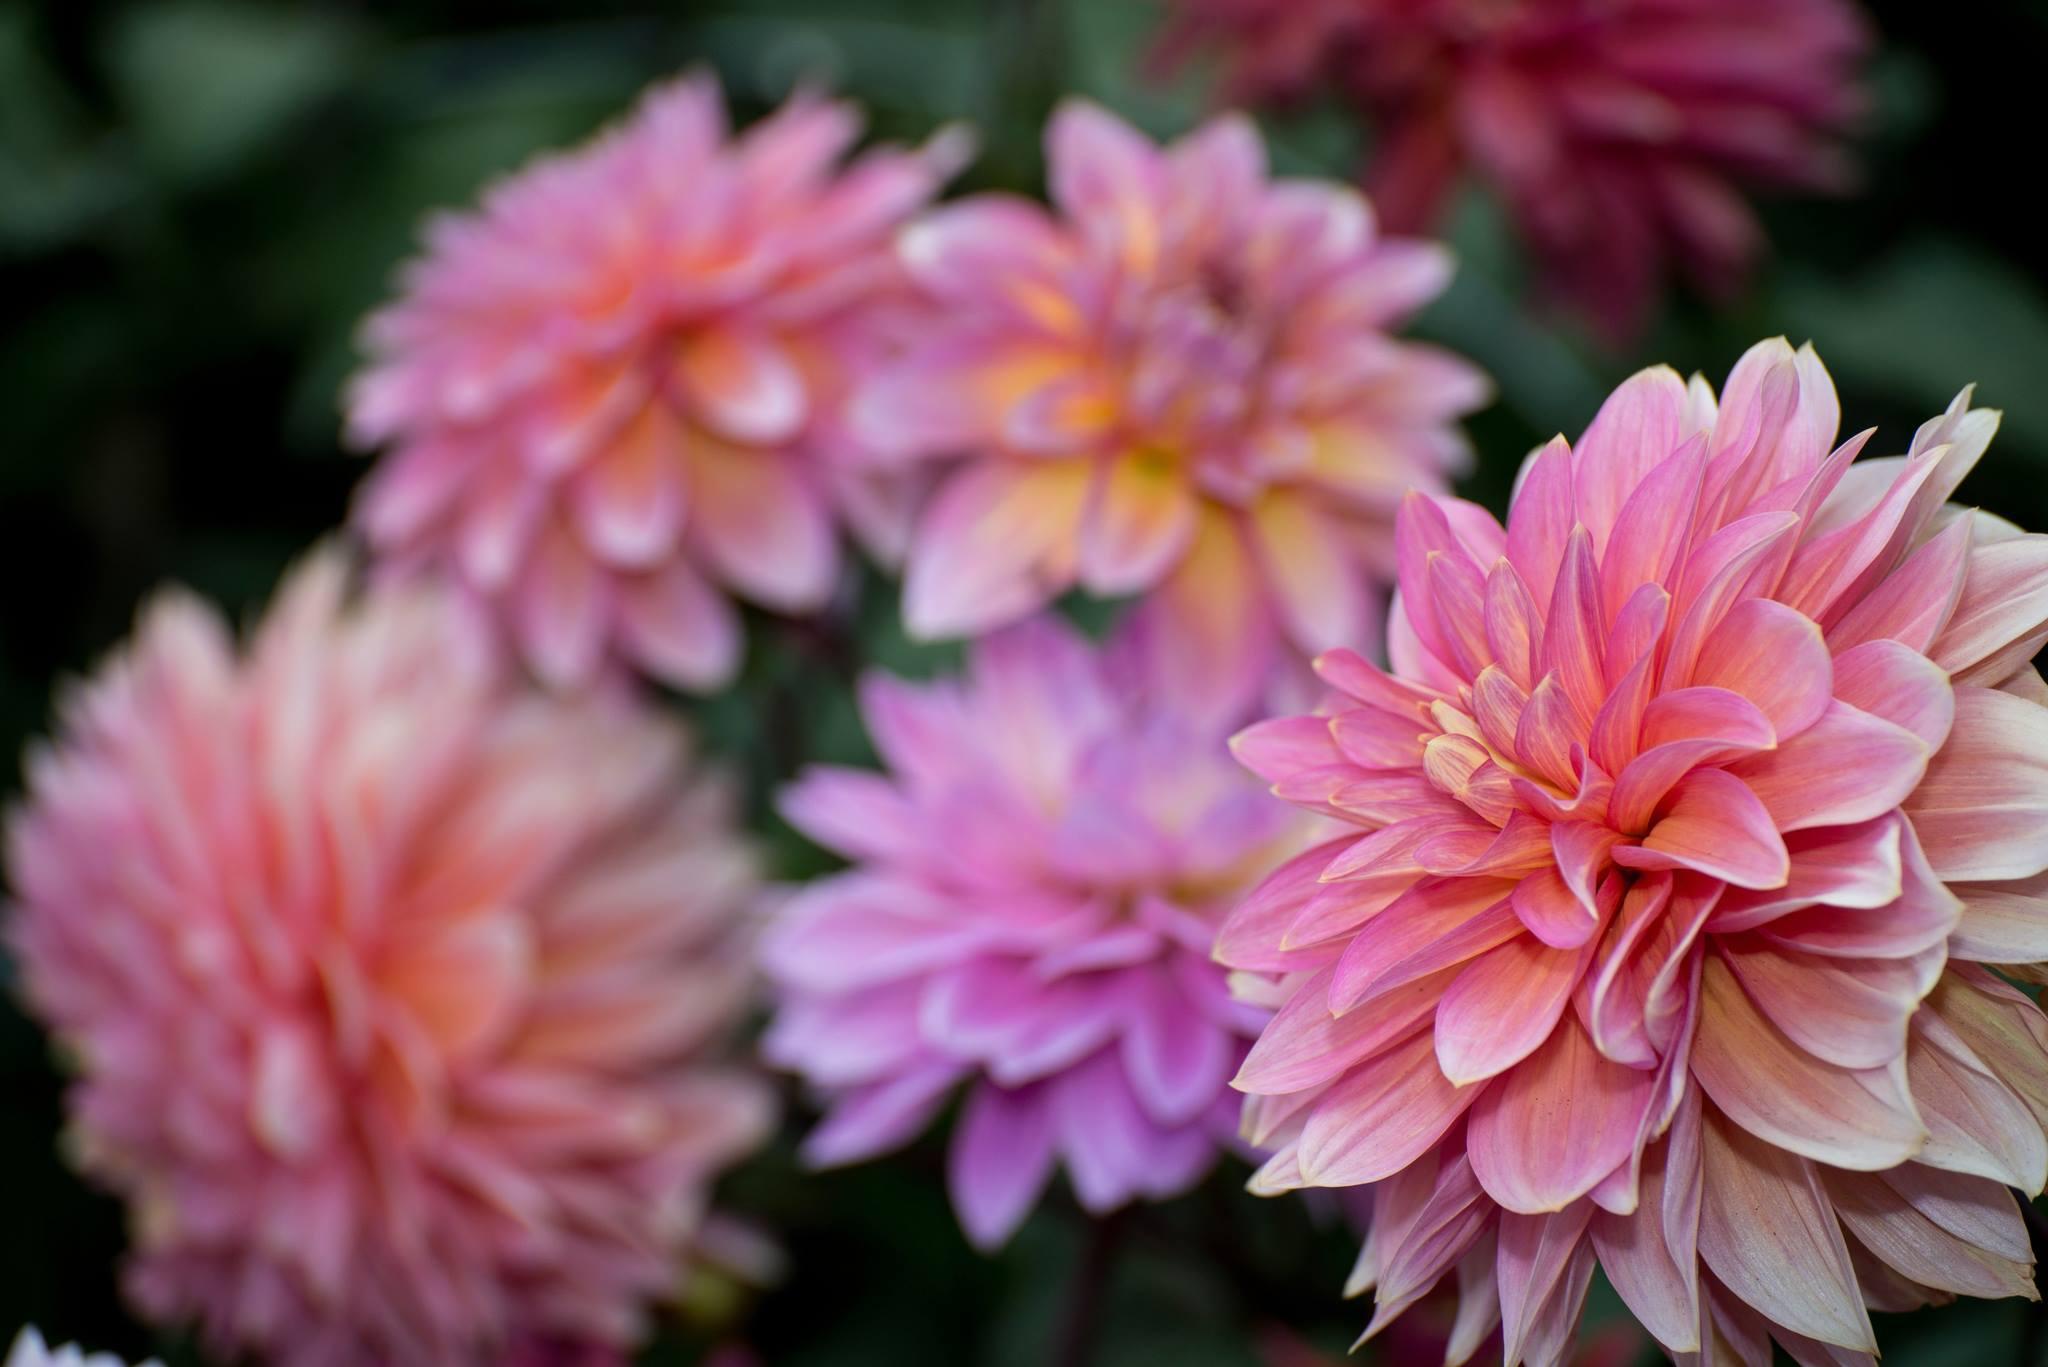 Flowers in anchorage visit anchorage izmirmasajfo